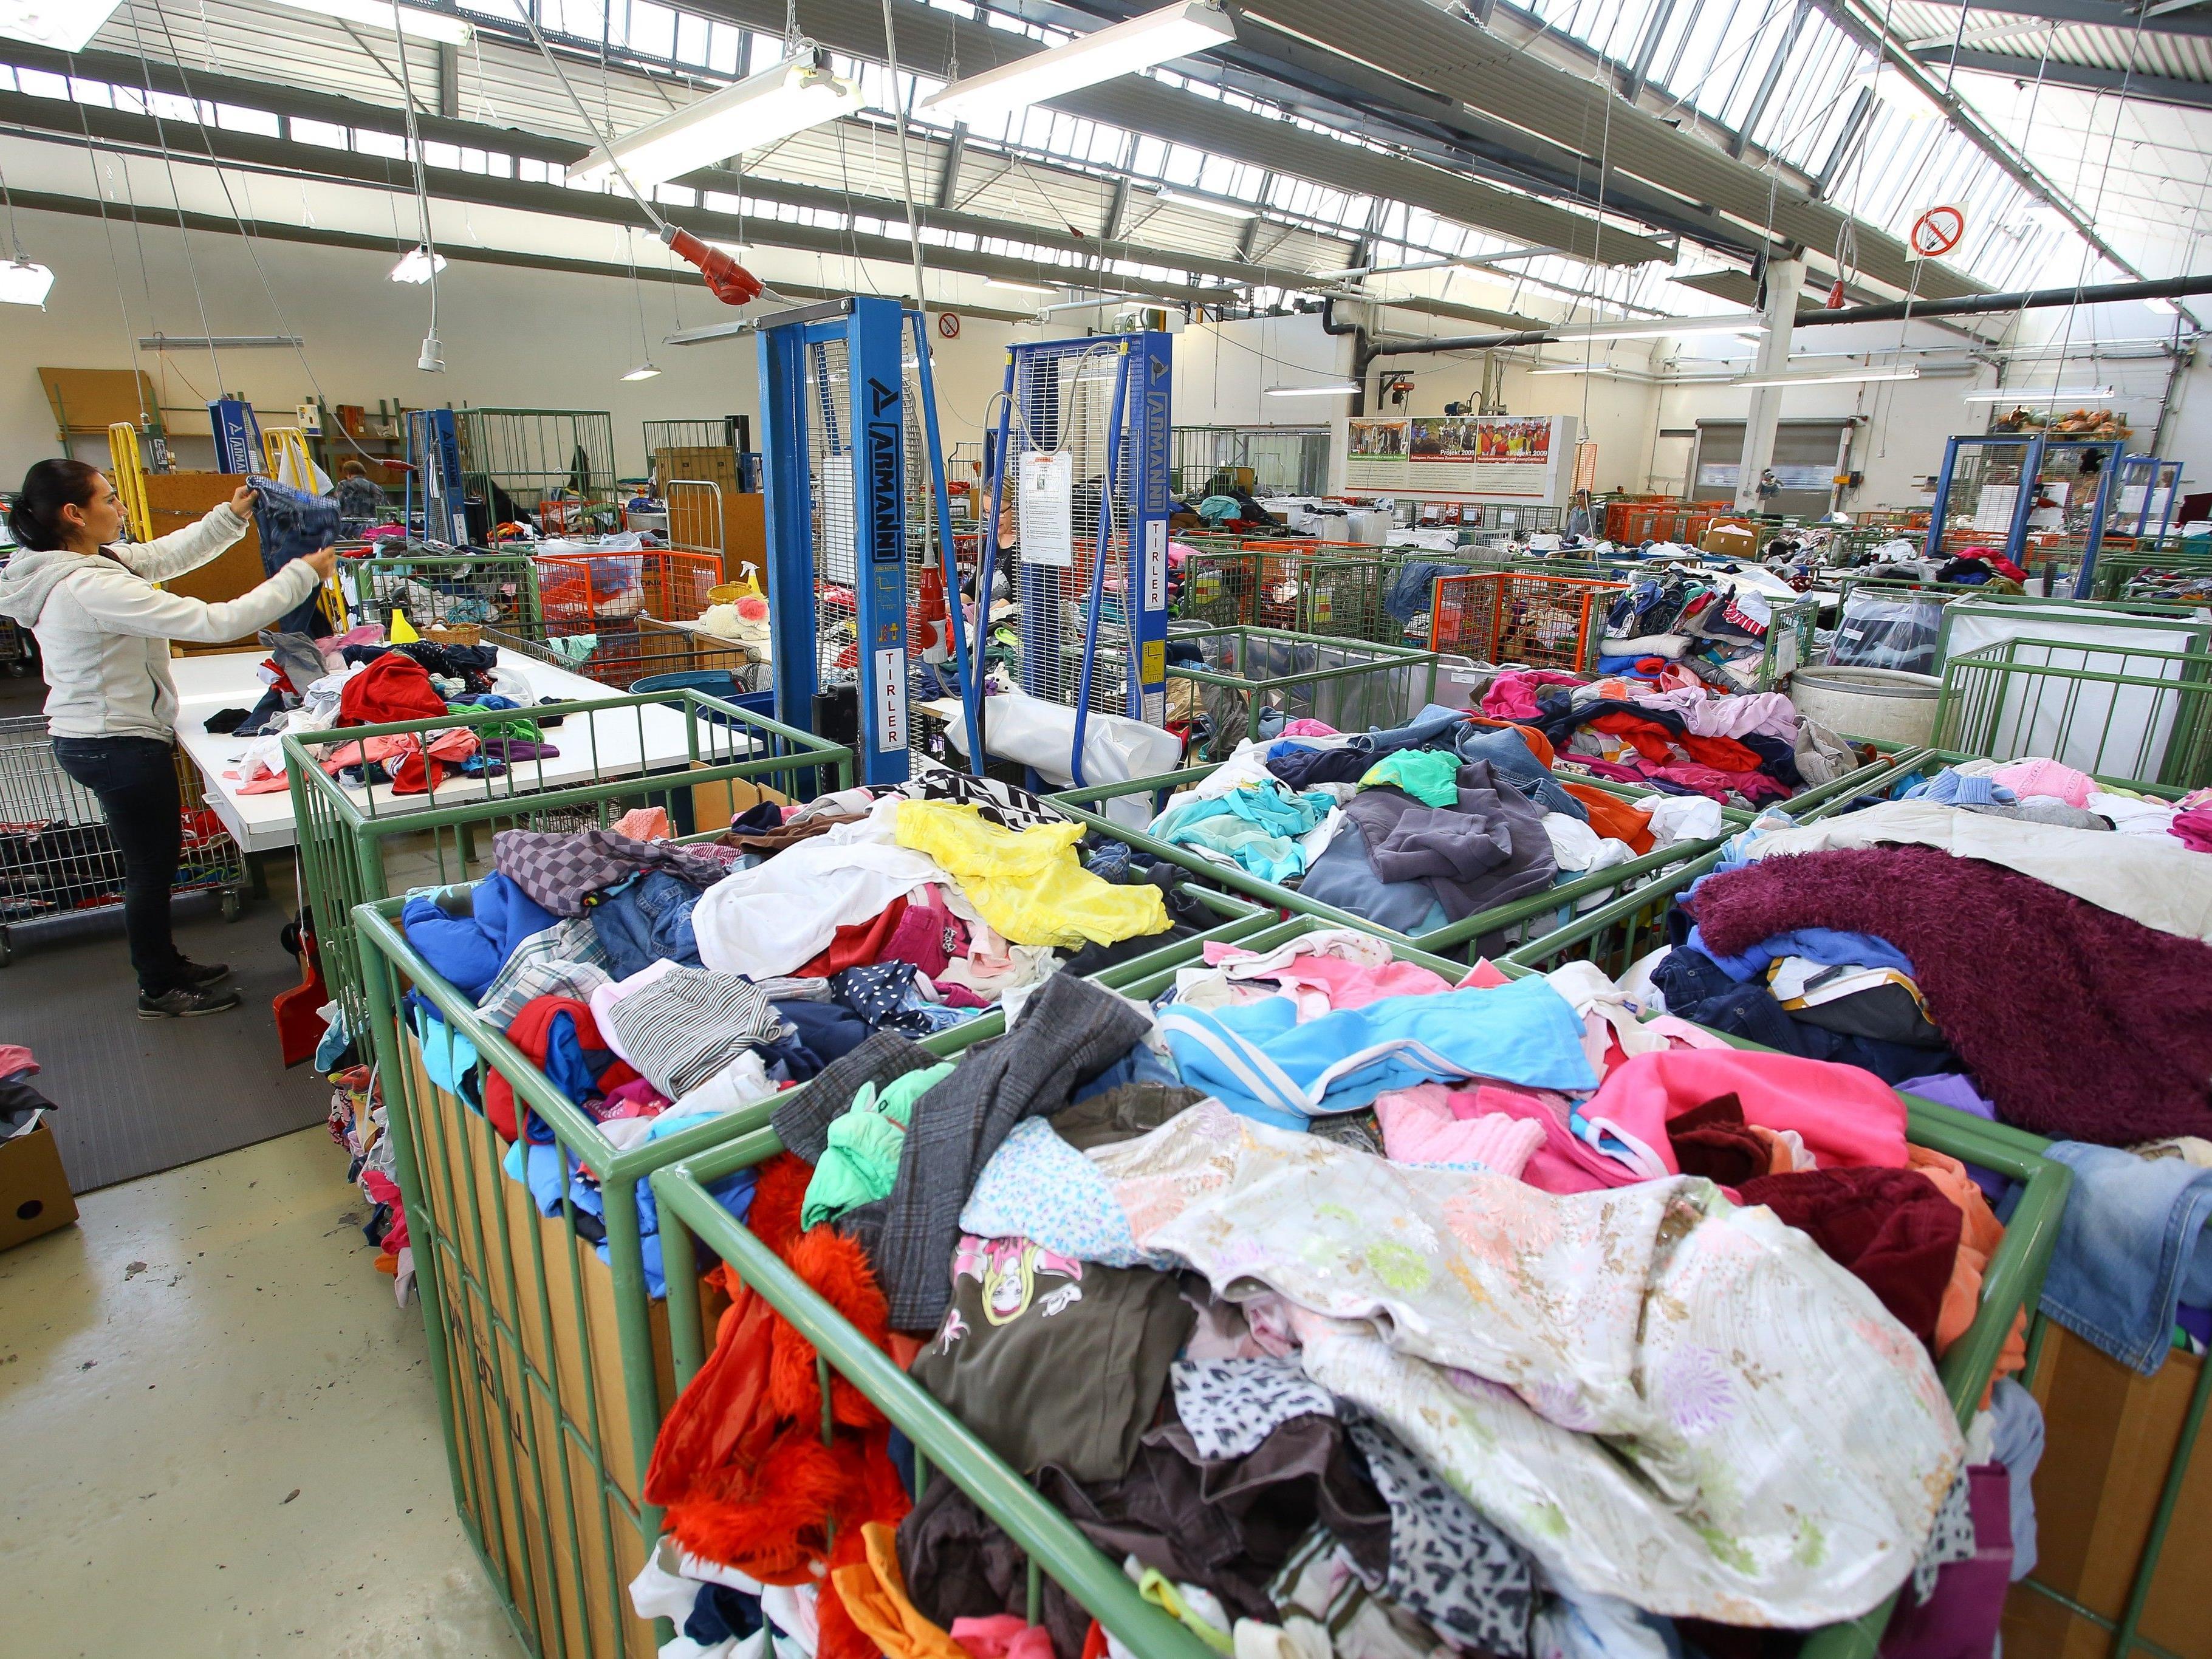 Die Altkleidersammlung wurde für die Caritas Vorarlberg zum einträglichen Geschäft. Jetzt wollen die Gemeinden ihren Anteil.